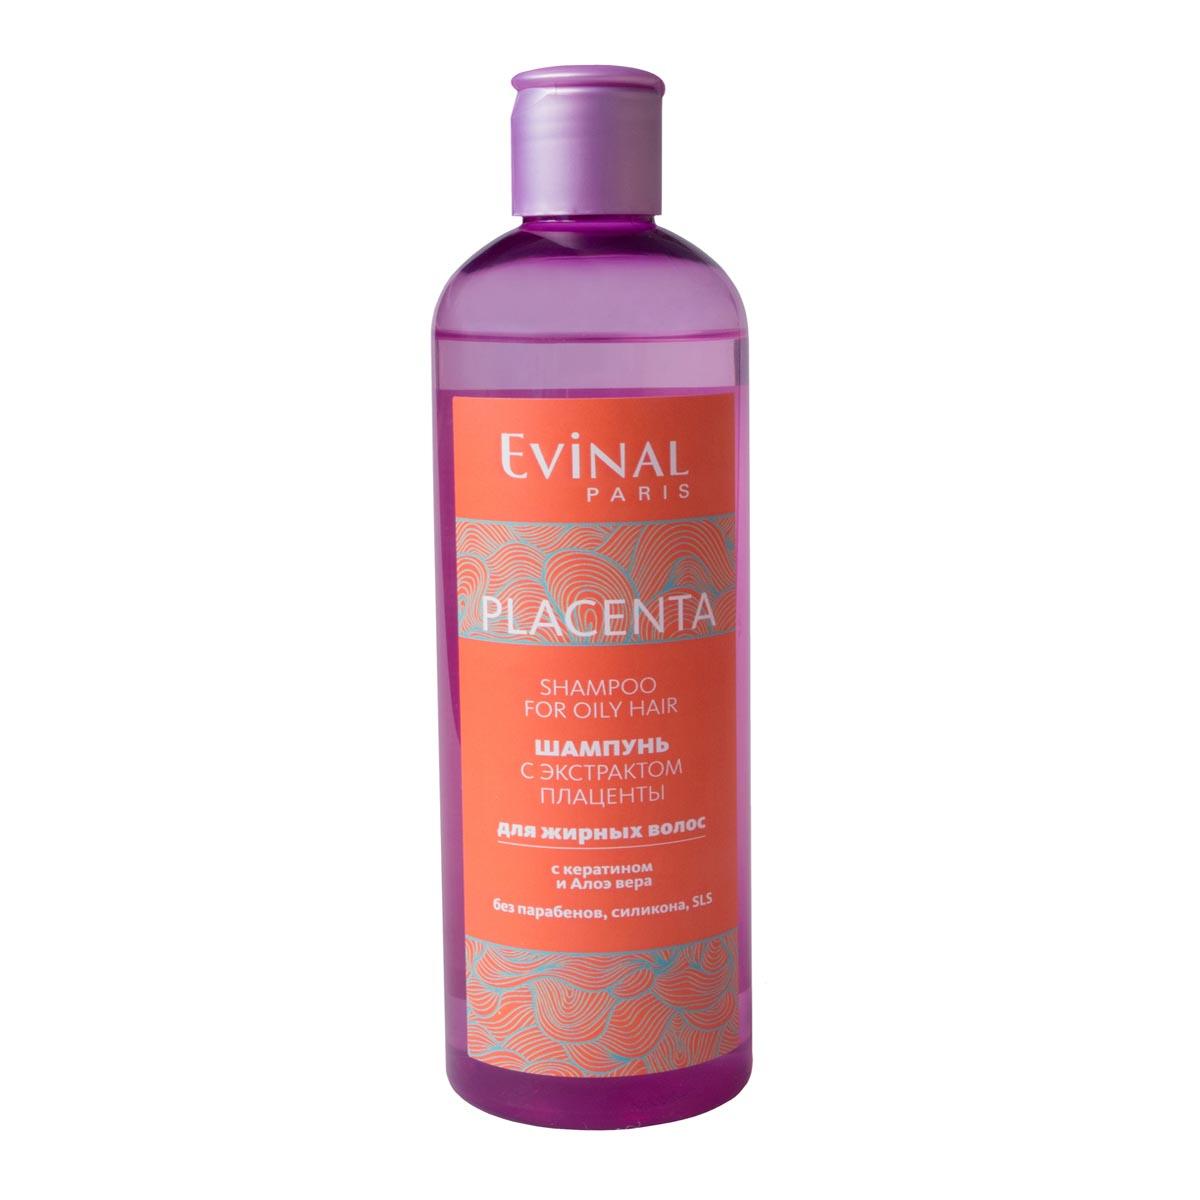 Шампунь Evinal с экстрактом плаценты, для жирных волос, 300 мл0148Шампунь Evinal с экстрактом плаценты для жирных волос. Показания к применению: выпадение волос, слабые и ломкие волосы, секущиеся концы волос, повышенная жирность волос. Результат клинических испытаний: шампунь надежно останавливает выпадение волос в 83% случаев, усиливает рост новых волос до 3см за 60дней применения шампуня в 90% случаев, придает объем блеск и силу в 100% случаев, нормализует работу сальных желез. Рекомендован для ежедневного использования. Максимальный результат достигается при совместном использовании шампуня и бальзама на плаценте в течение 60 дней. Основные активные вещества: Экстракт плаценты, Экстракт крапивы, Экстракт зеленого чая, Д-пантенол. Хранить при комнатной температуре.